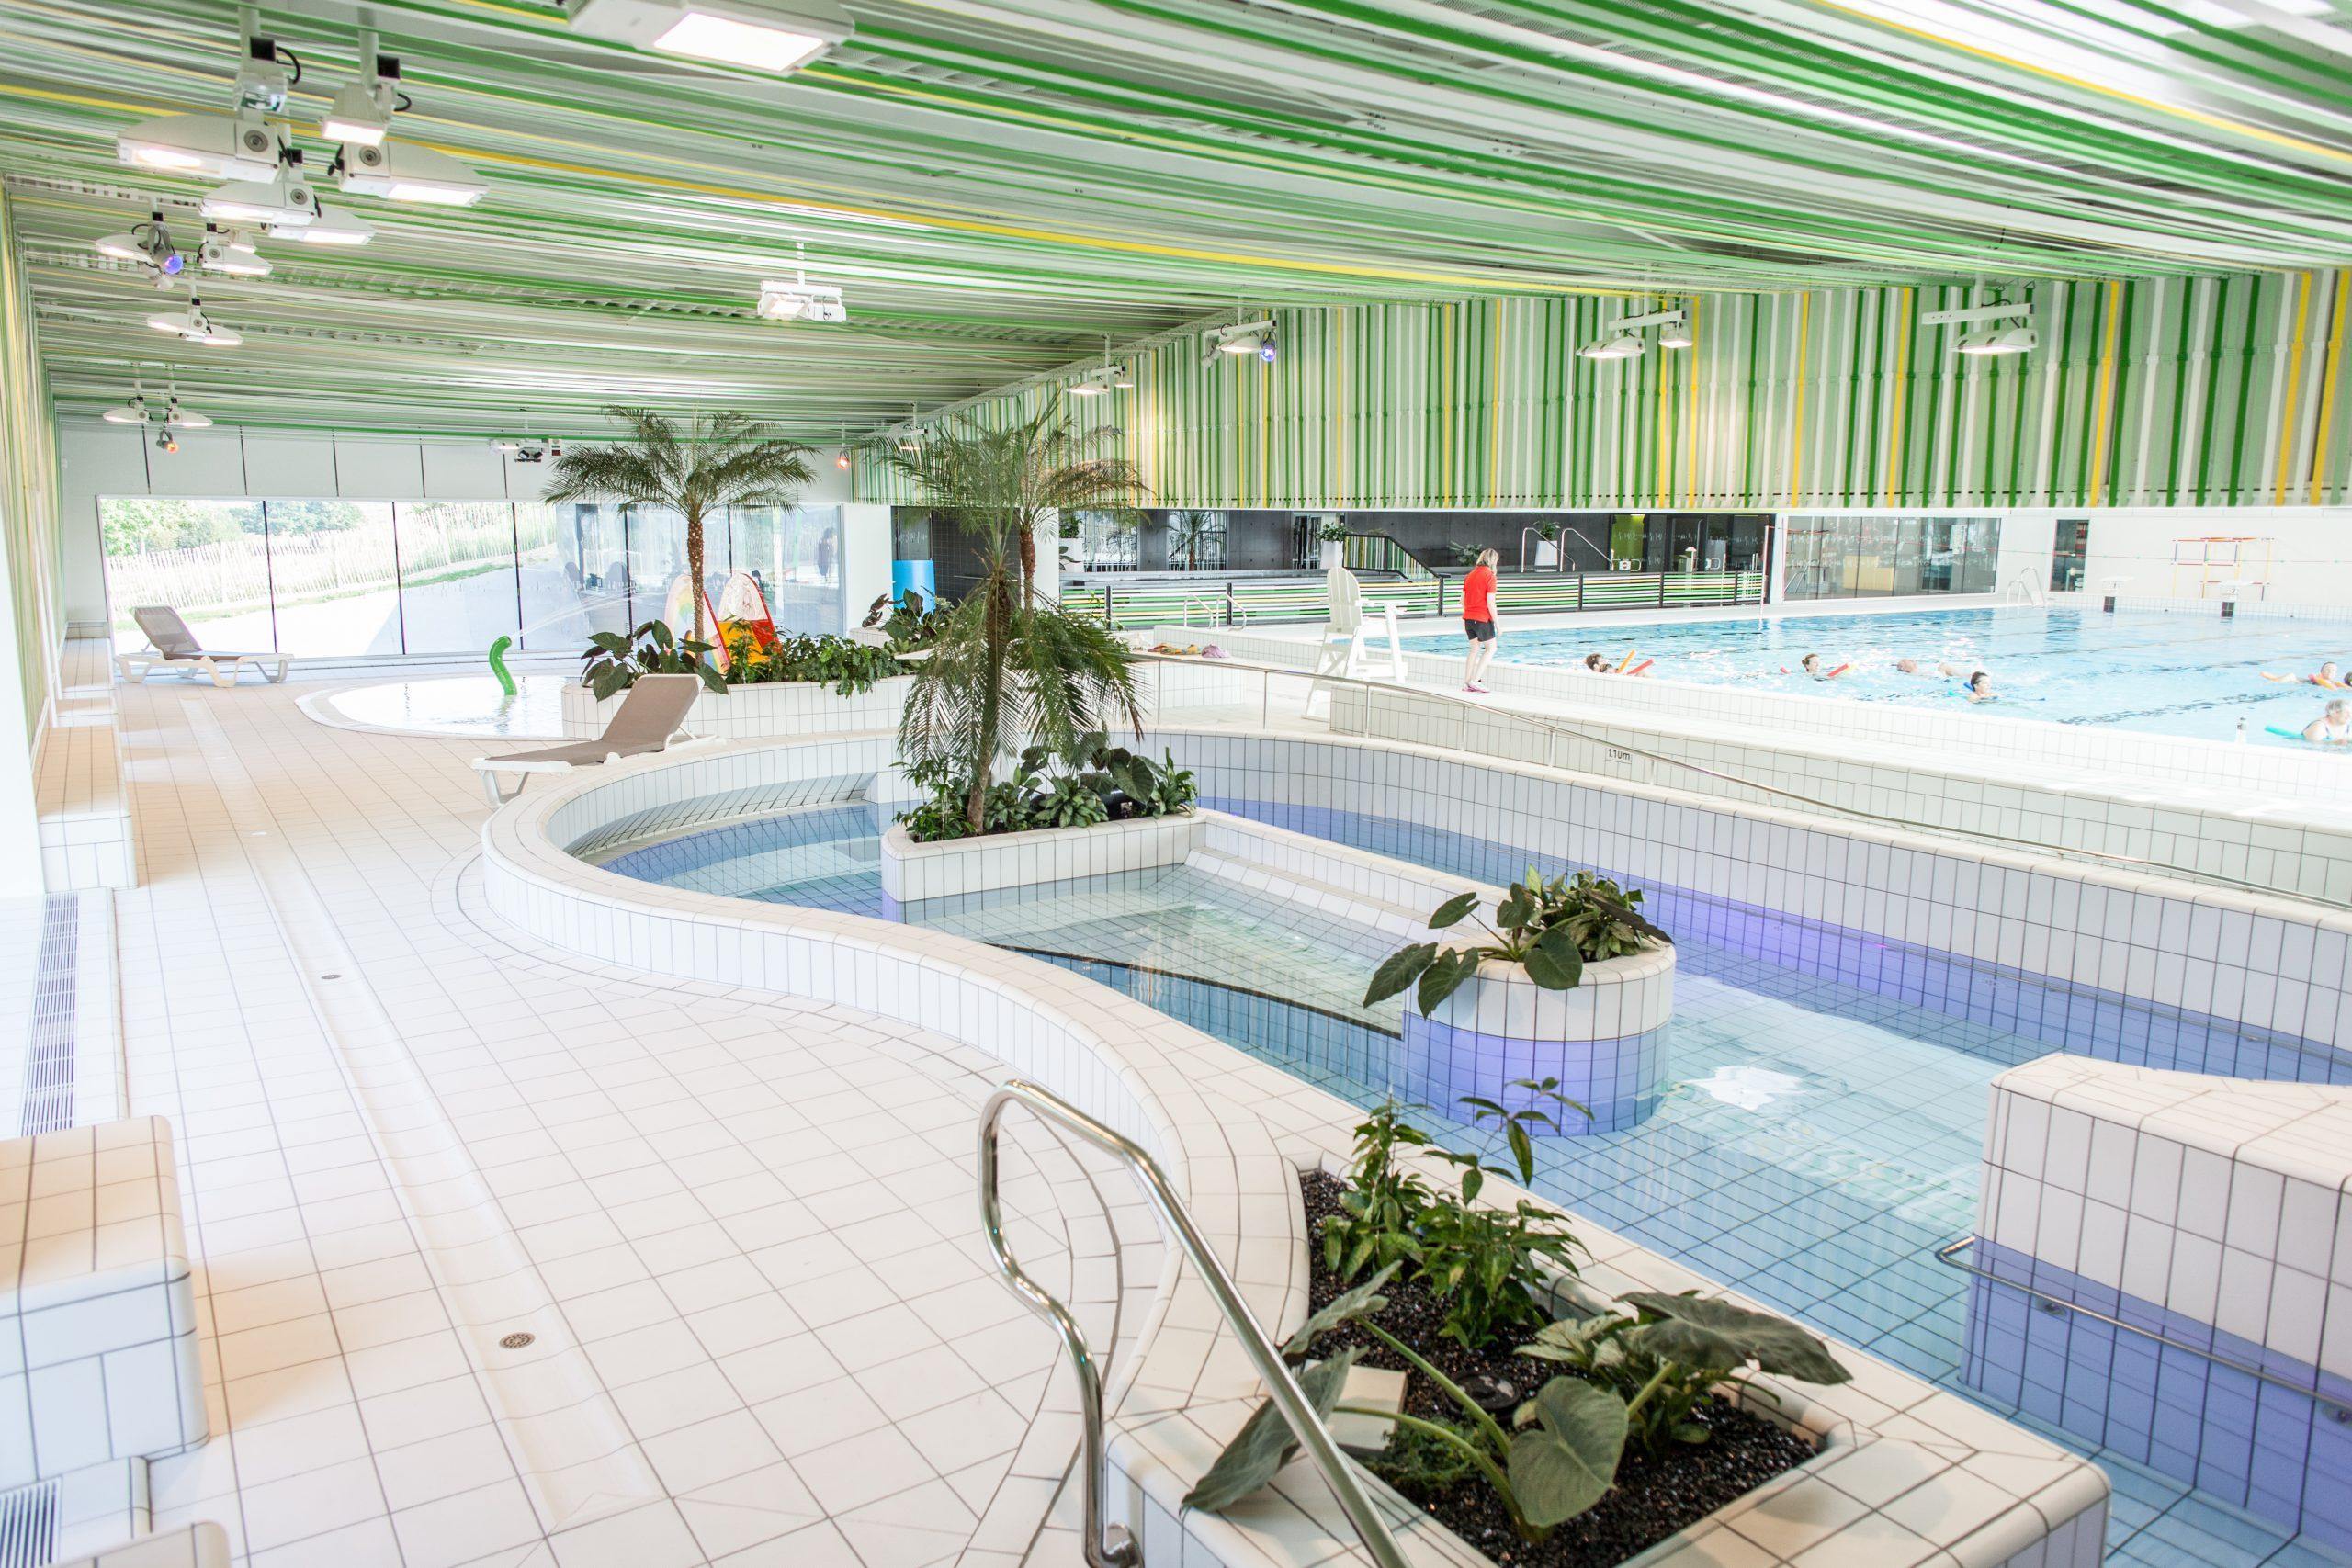 Centre Aquatique Les Ondines Janzé|Balnéothérapie, Piscine ... encequiconcerne Piscine Janzé